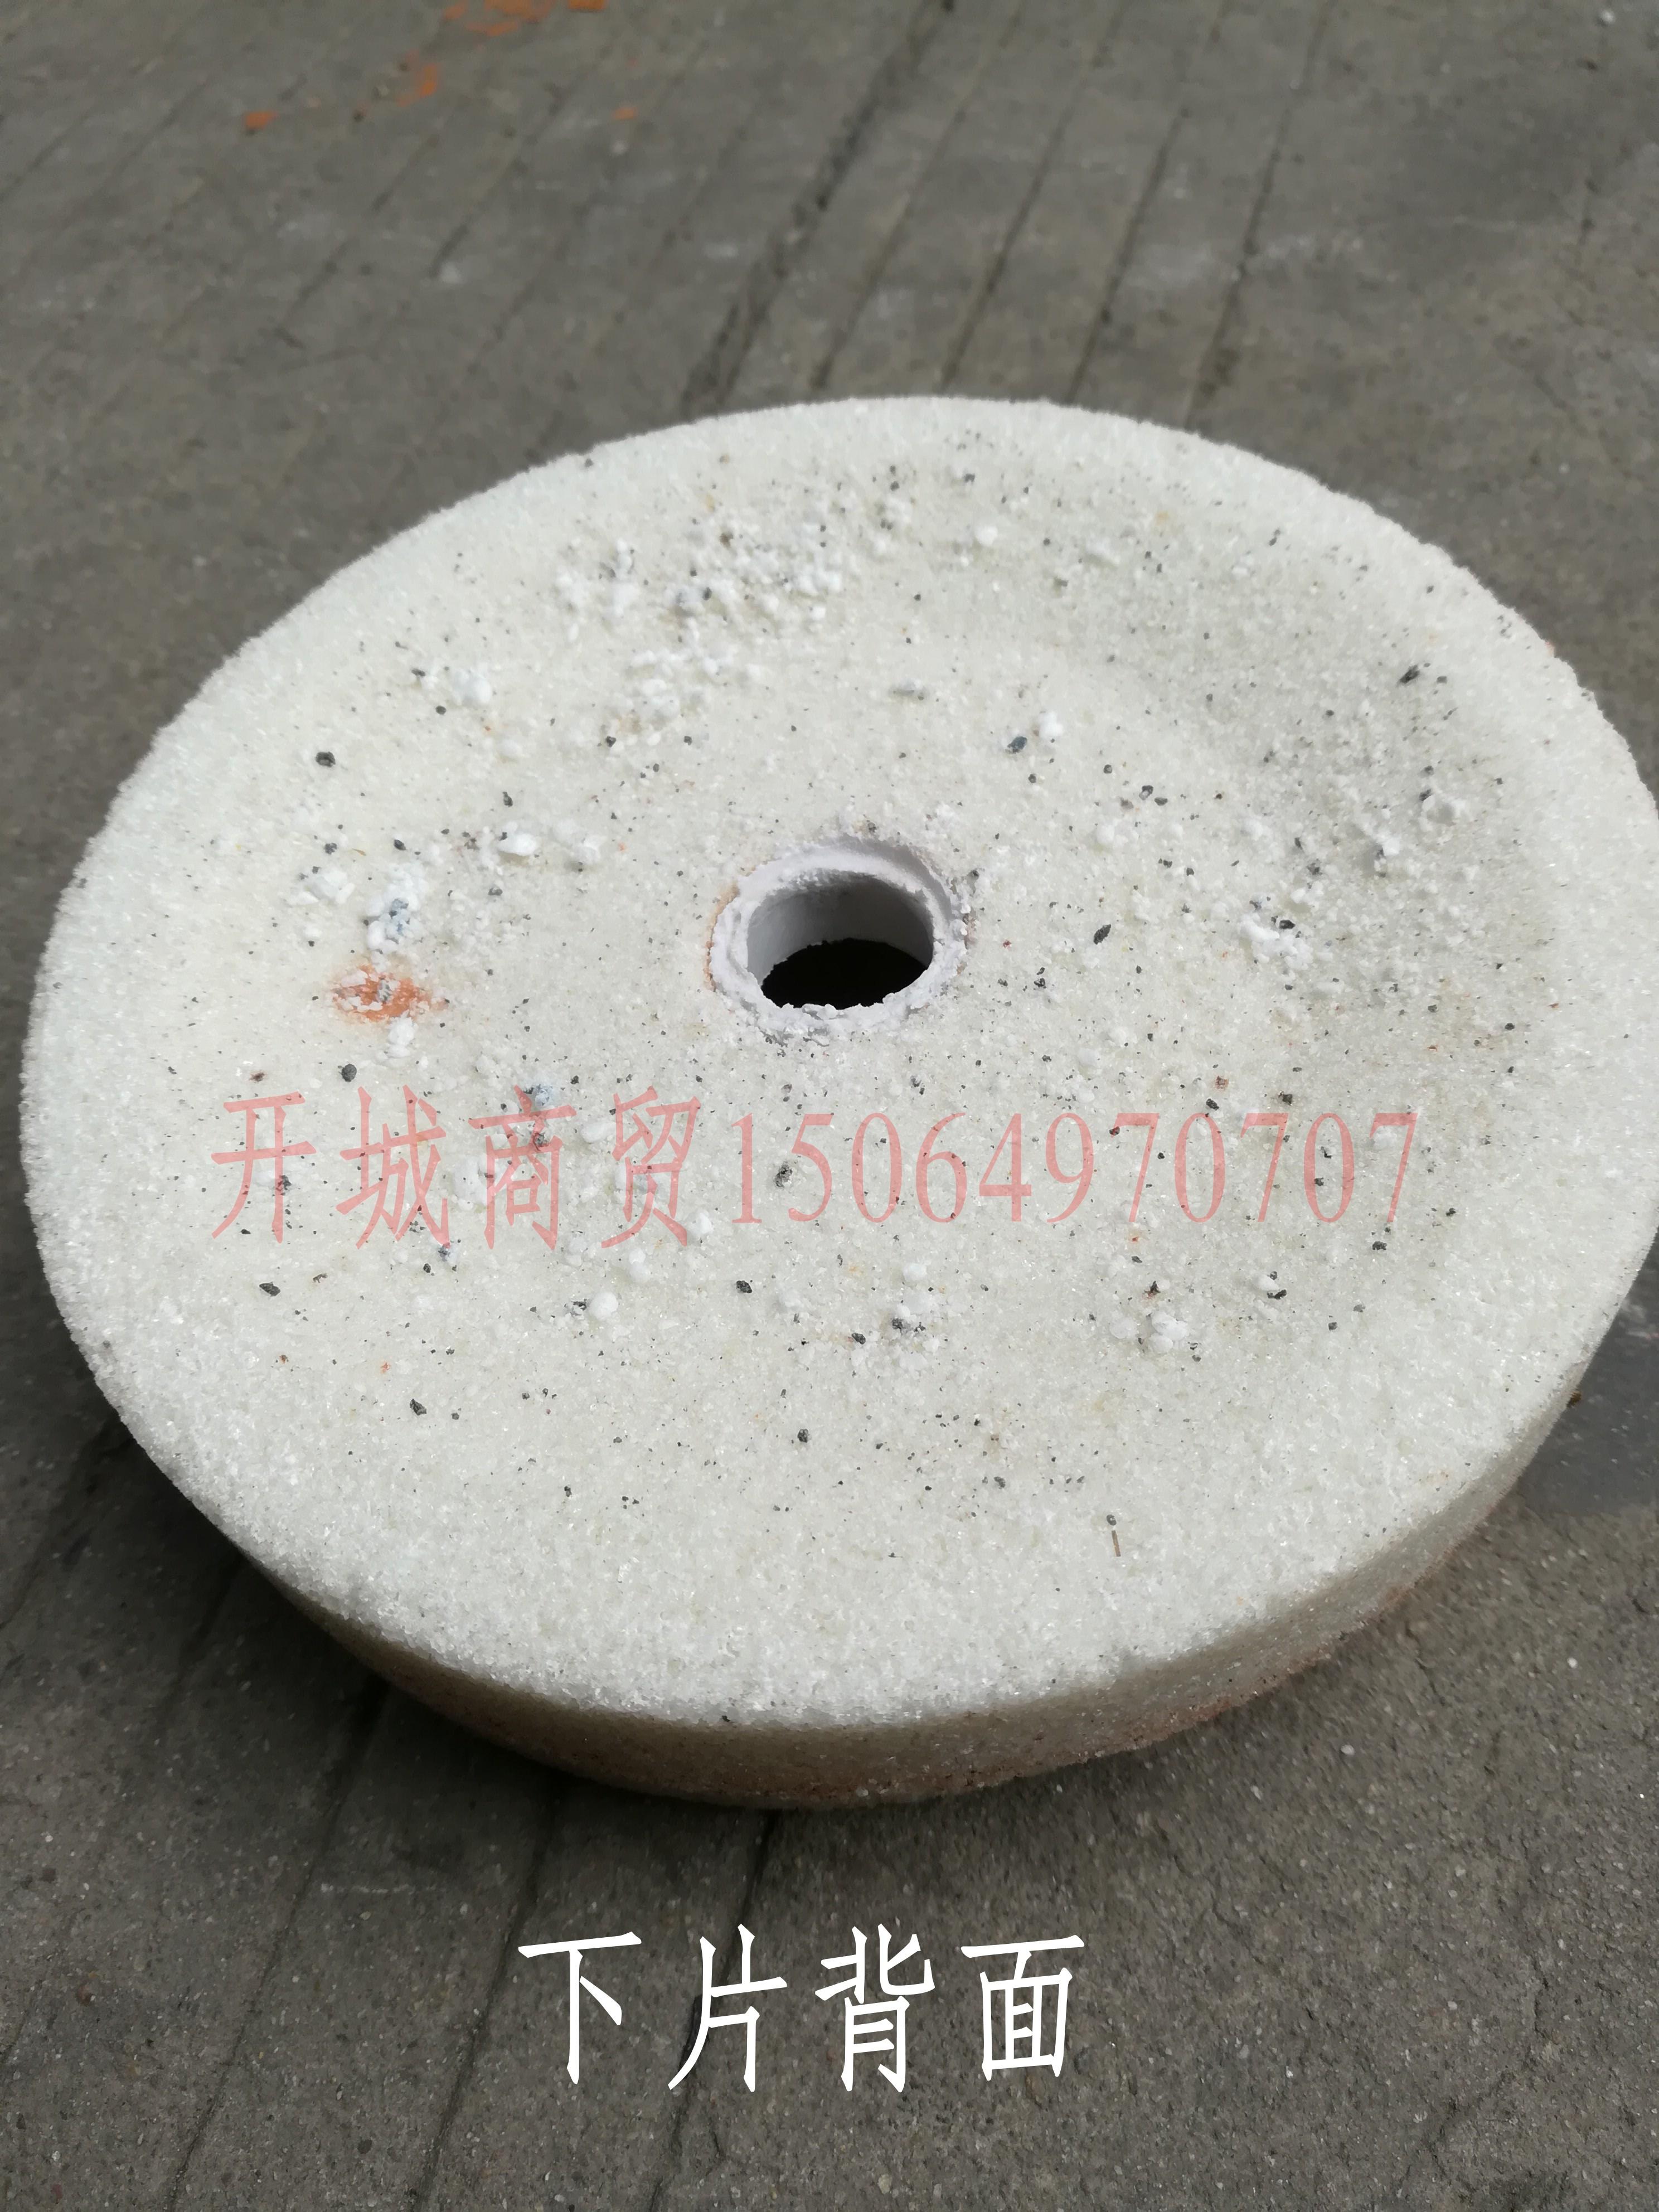 Liaoning Linghai moinho Branco Leite de soja máquina de acessórios rodas de esmeril disco de Roda 13 15 18